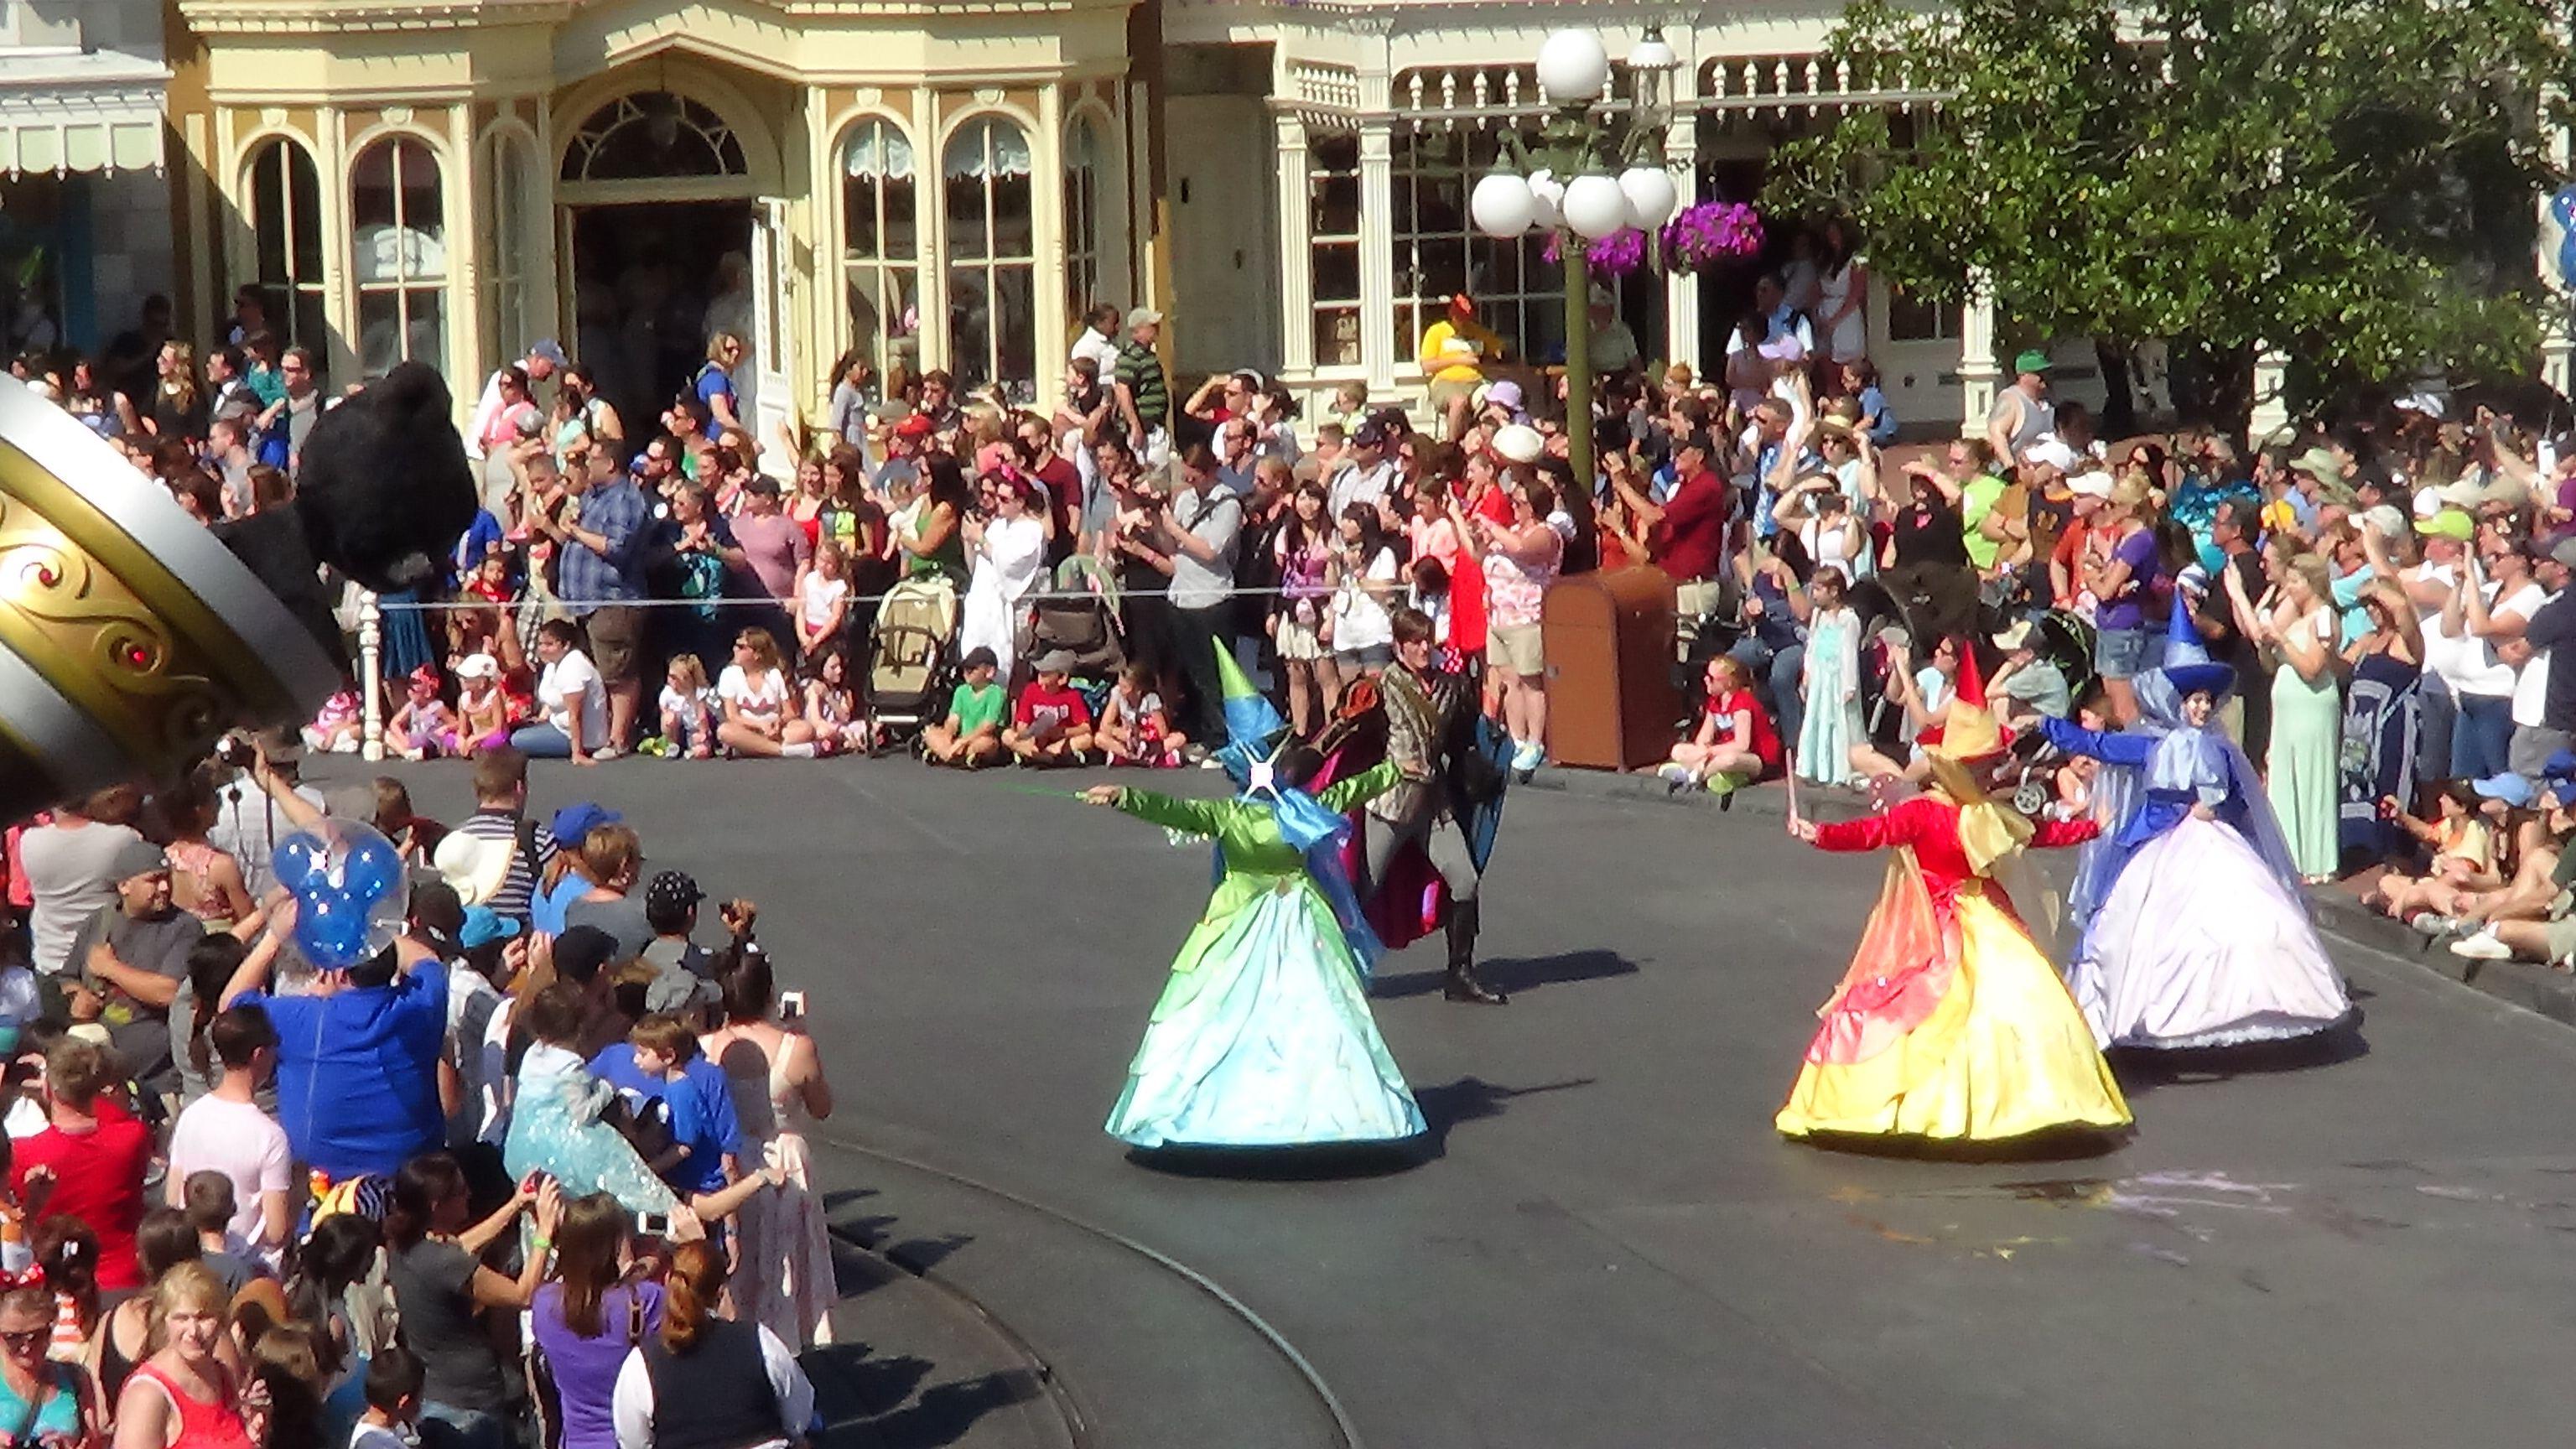 Festivaloffantasyparade Magickingdom Princess Aurora S Fairy Godmothers Flora Fauna And Merryweather Cast Some Festival Of Fantasy Parade Parades Festival